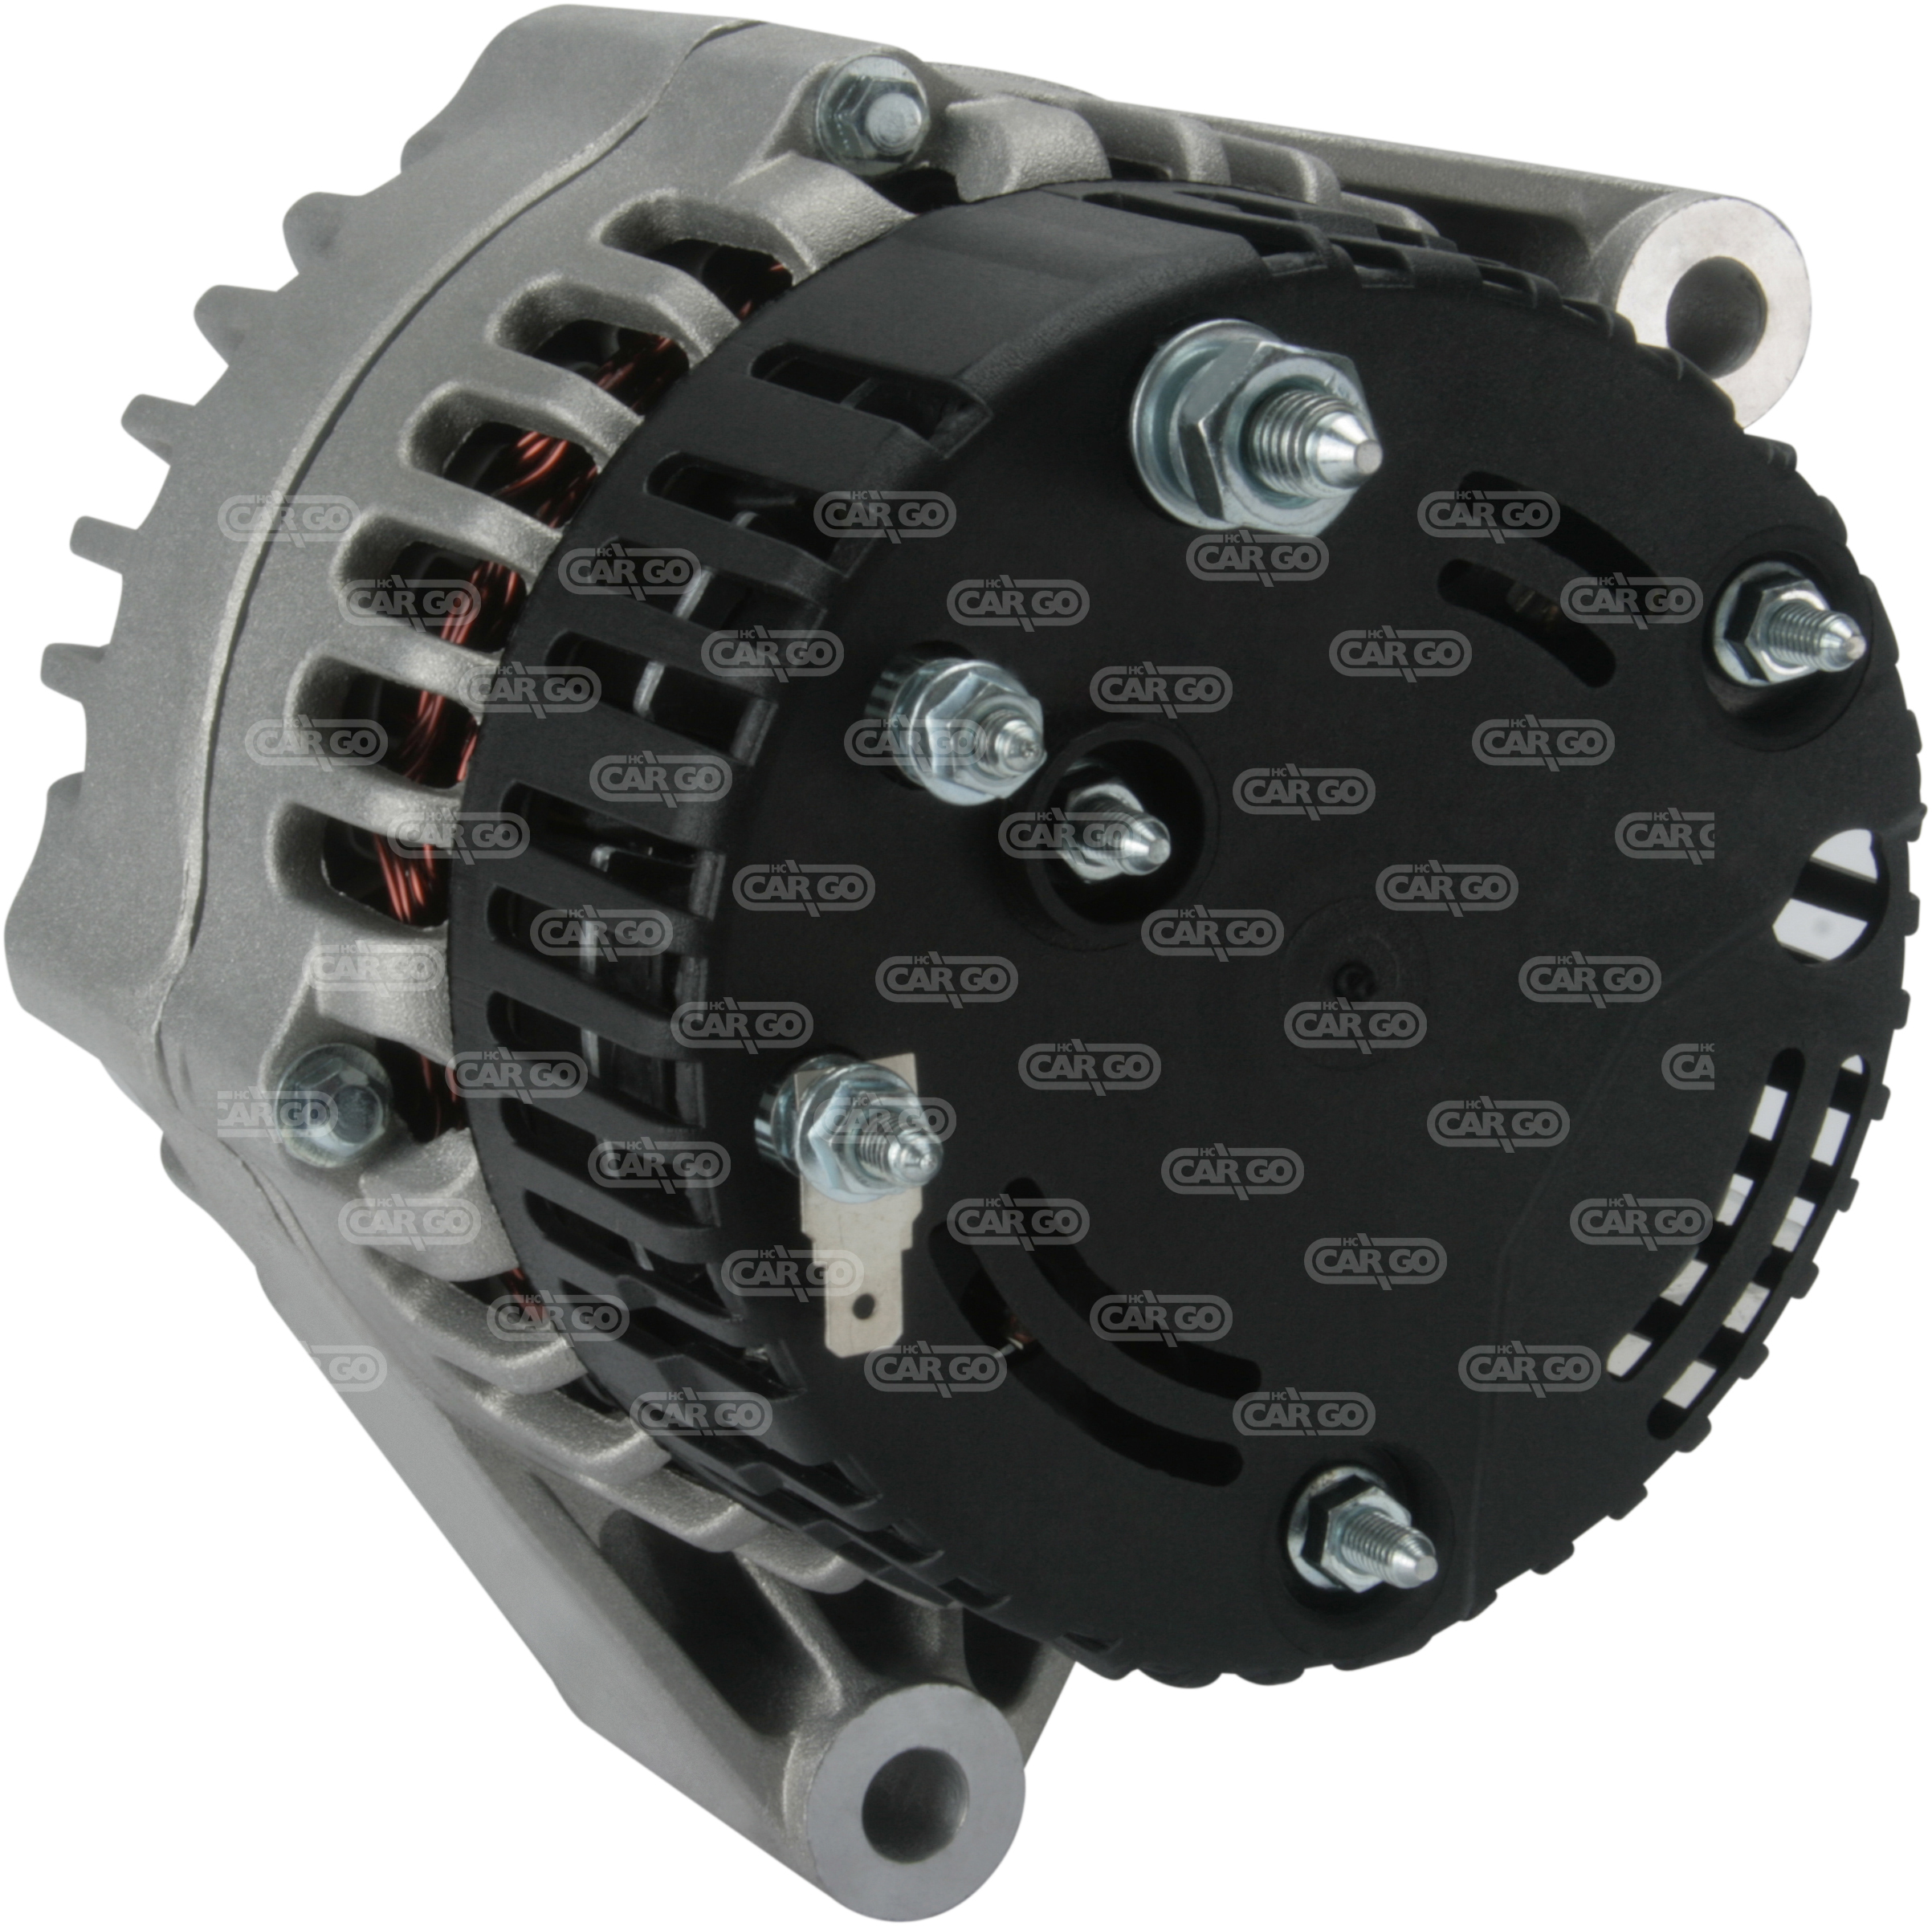 Alternateur 808 Voltage14 Amp120 BorneW